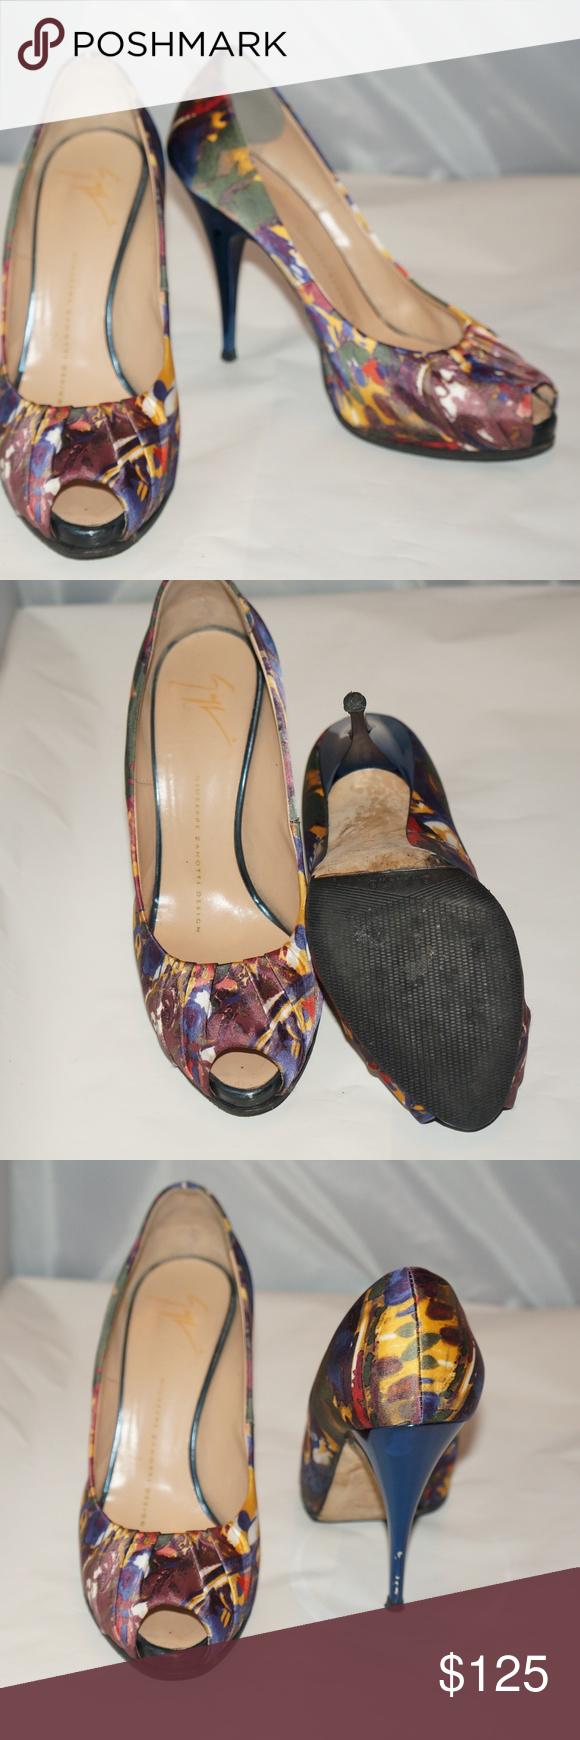 aaa9e4888e Giuseppe Zanotti Floral peep toe pumps Giuseppe Zanotti Women's Floral Shoes  GIUSEPPE ZANOTTI Sz 6.5 B Navy Floral Print Satin Platform PeepToe Pumps  Heels ...